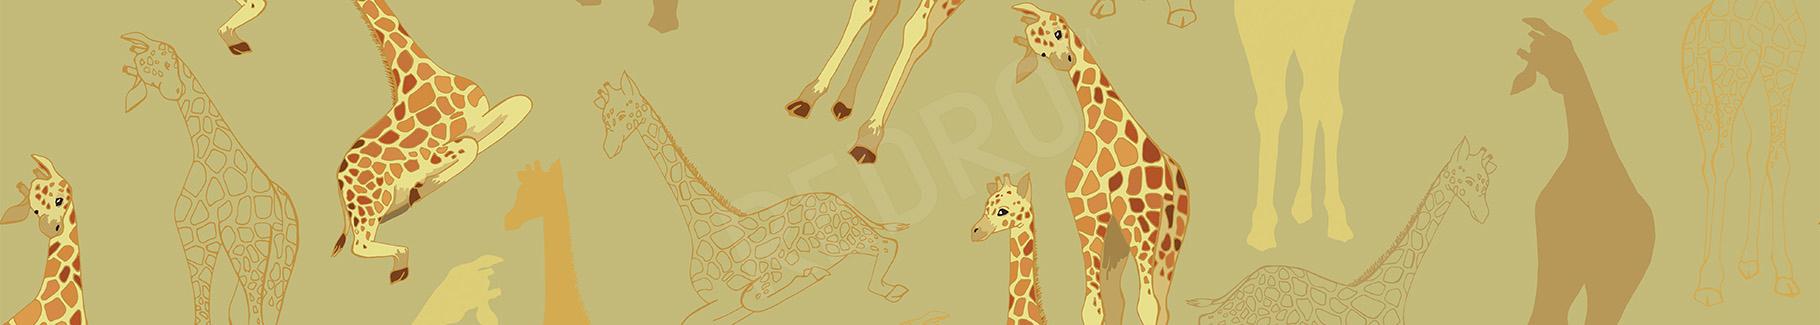 Plakat zwierzęta afrykańskie